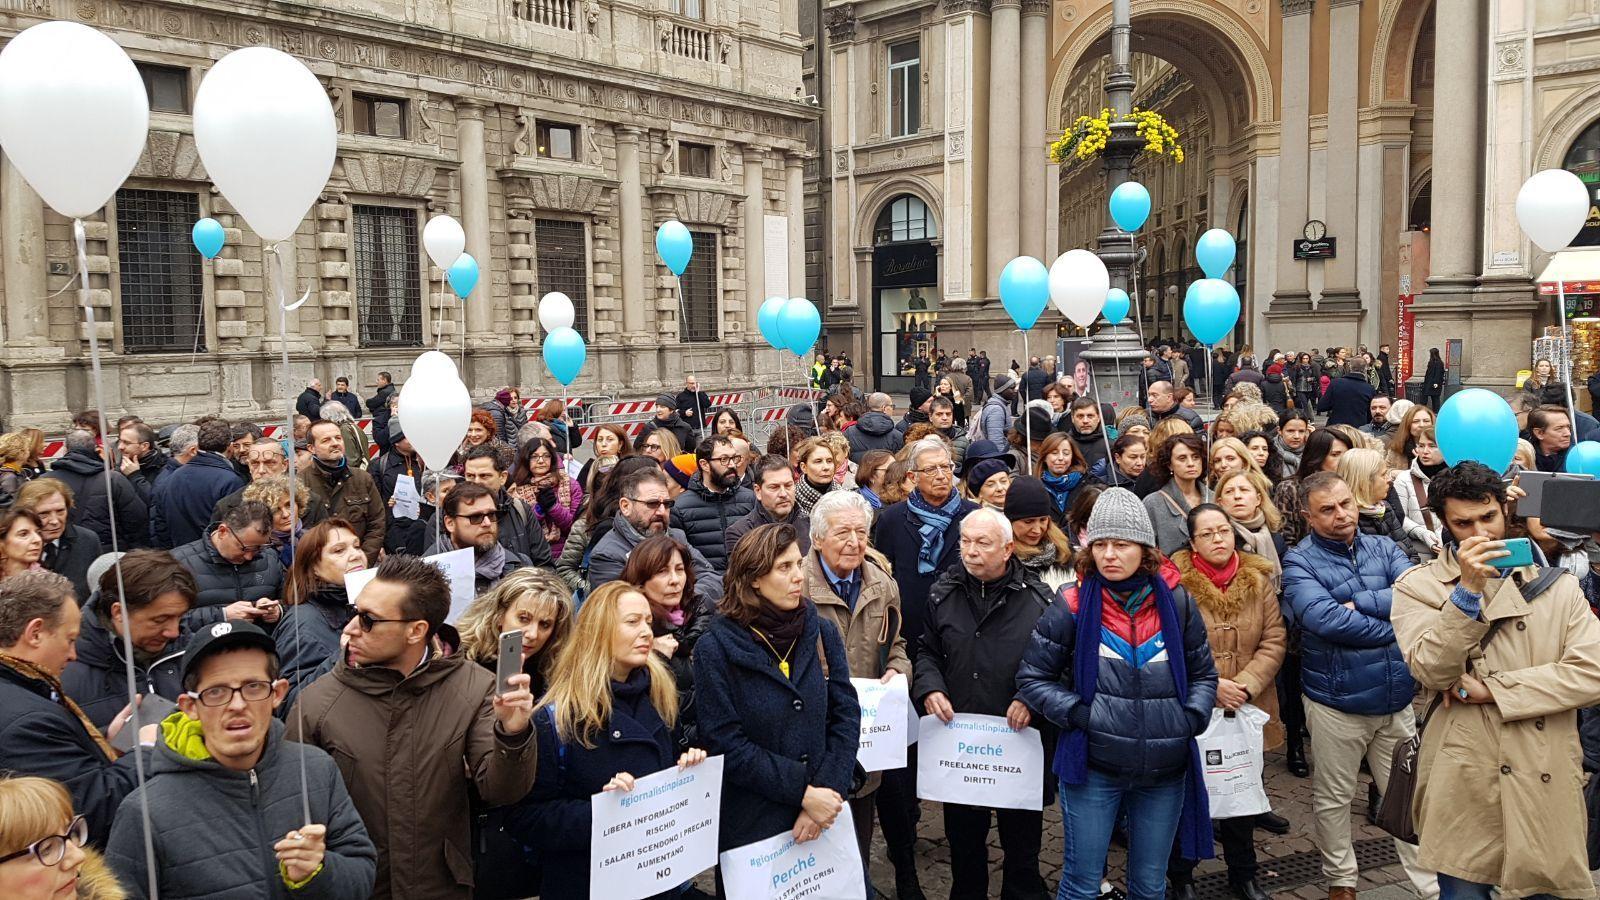 Crolla occupazione,giornalisti in piazza